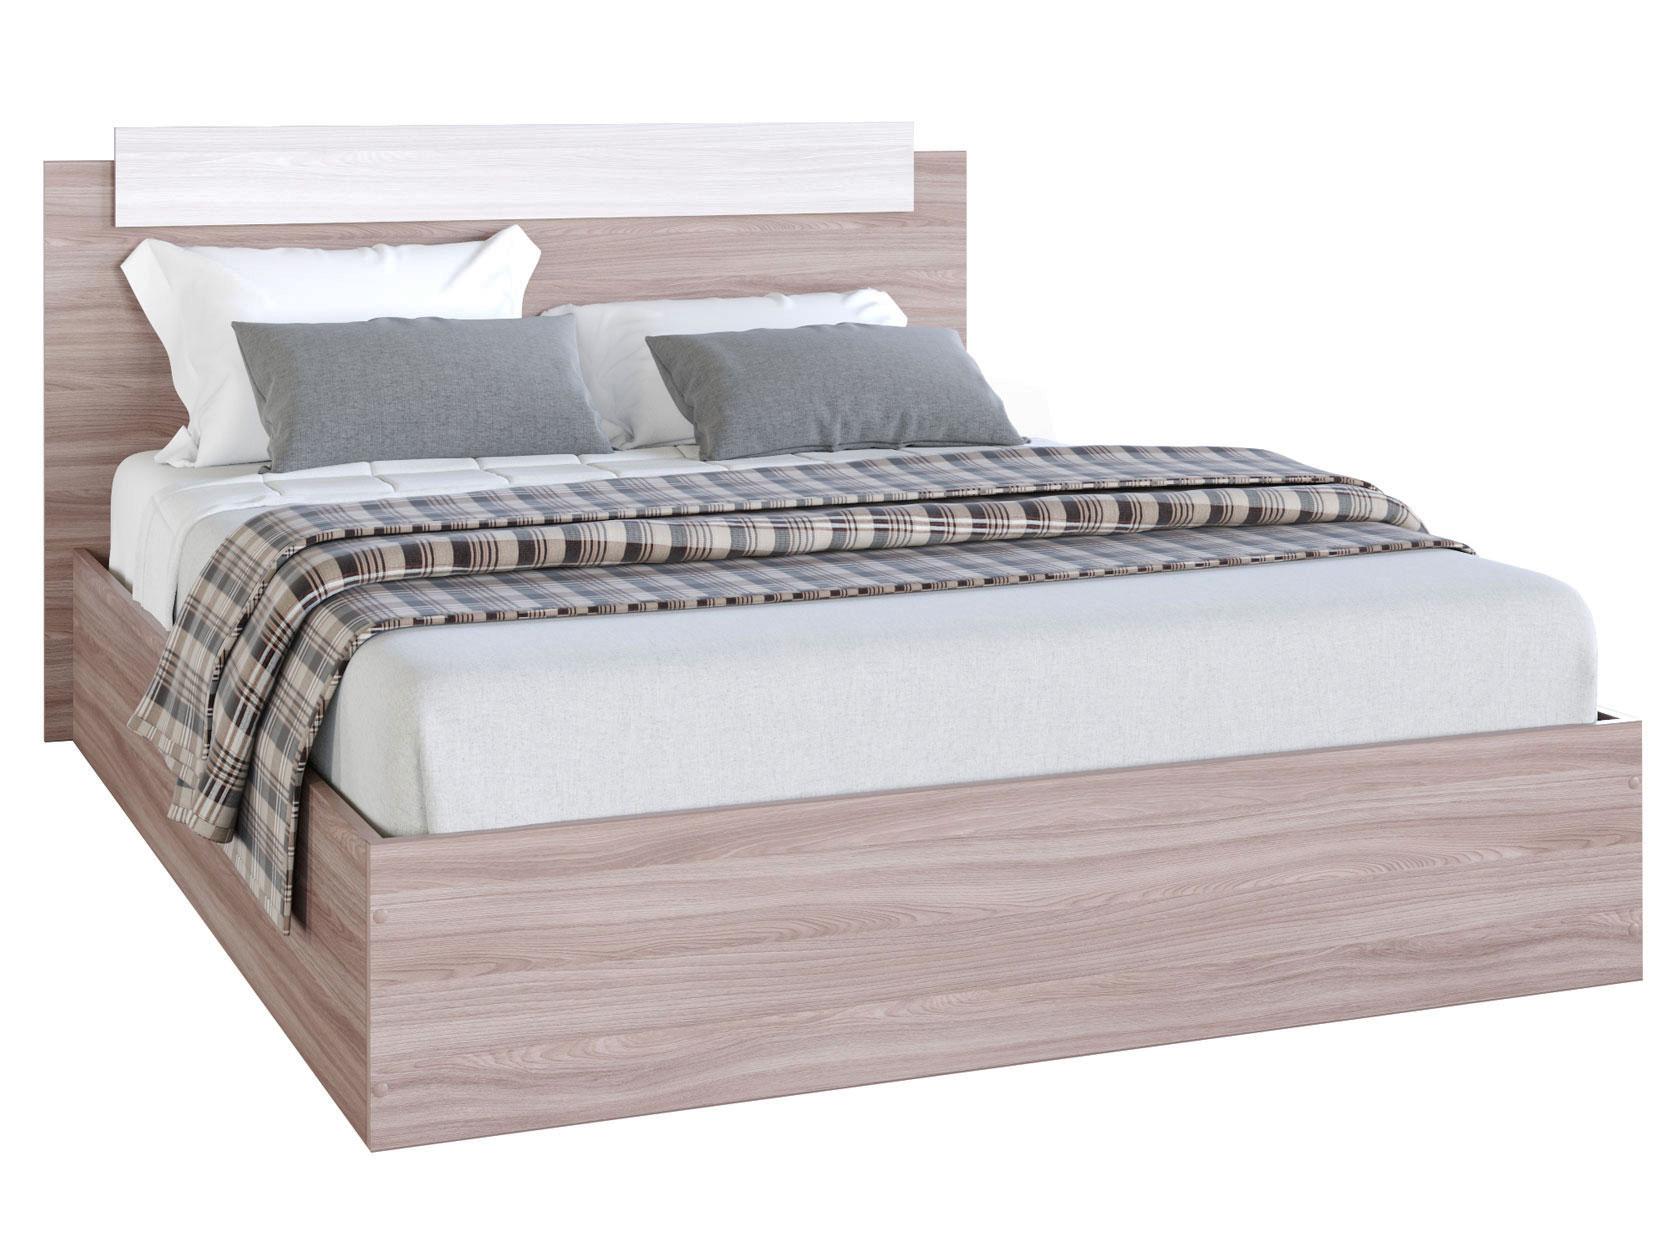 Двуспальная кровать Эко Ясень шимо светлый/Ясень шимо